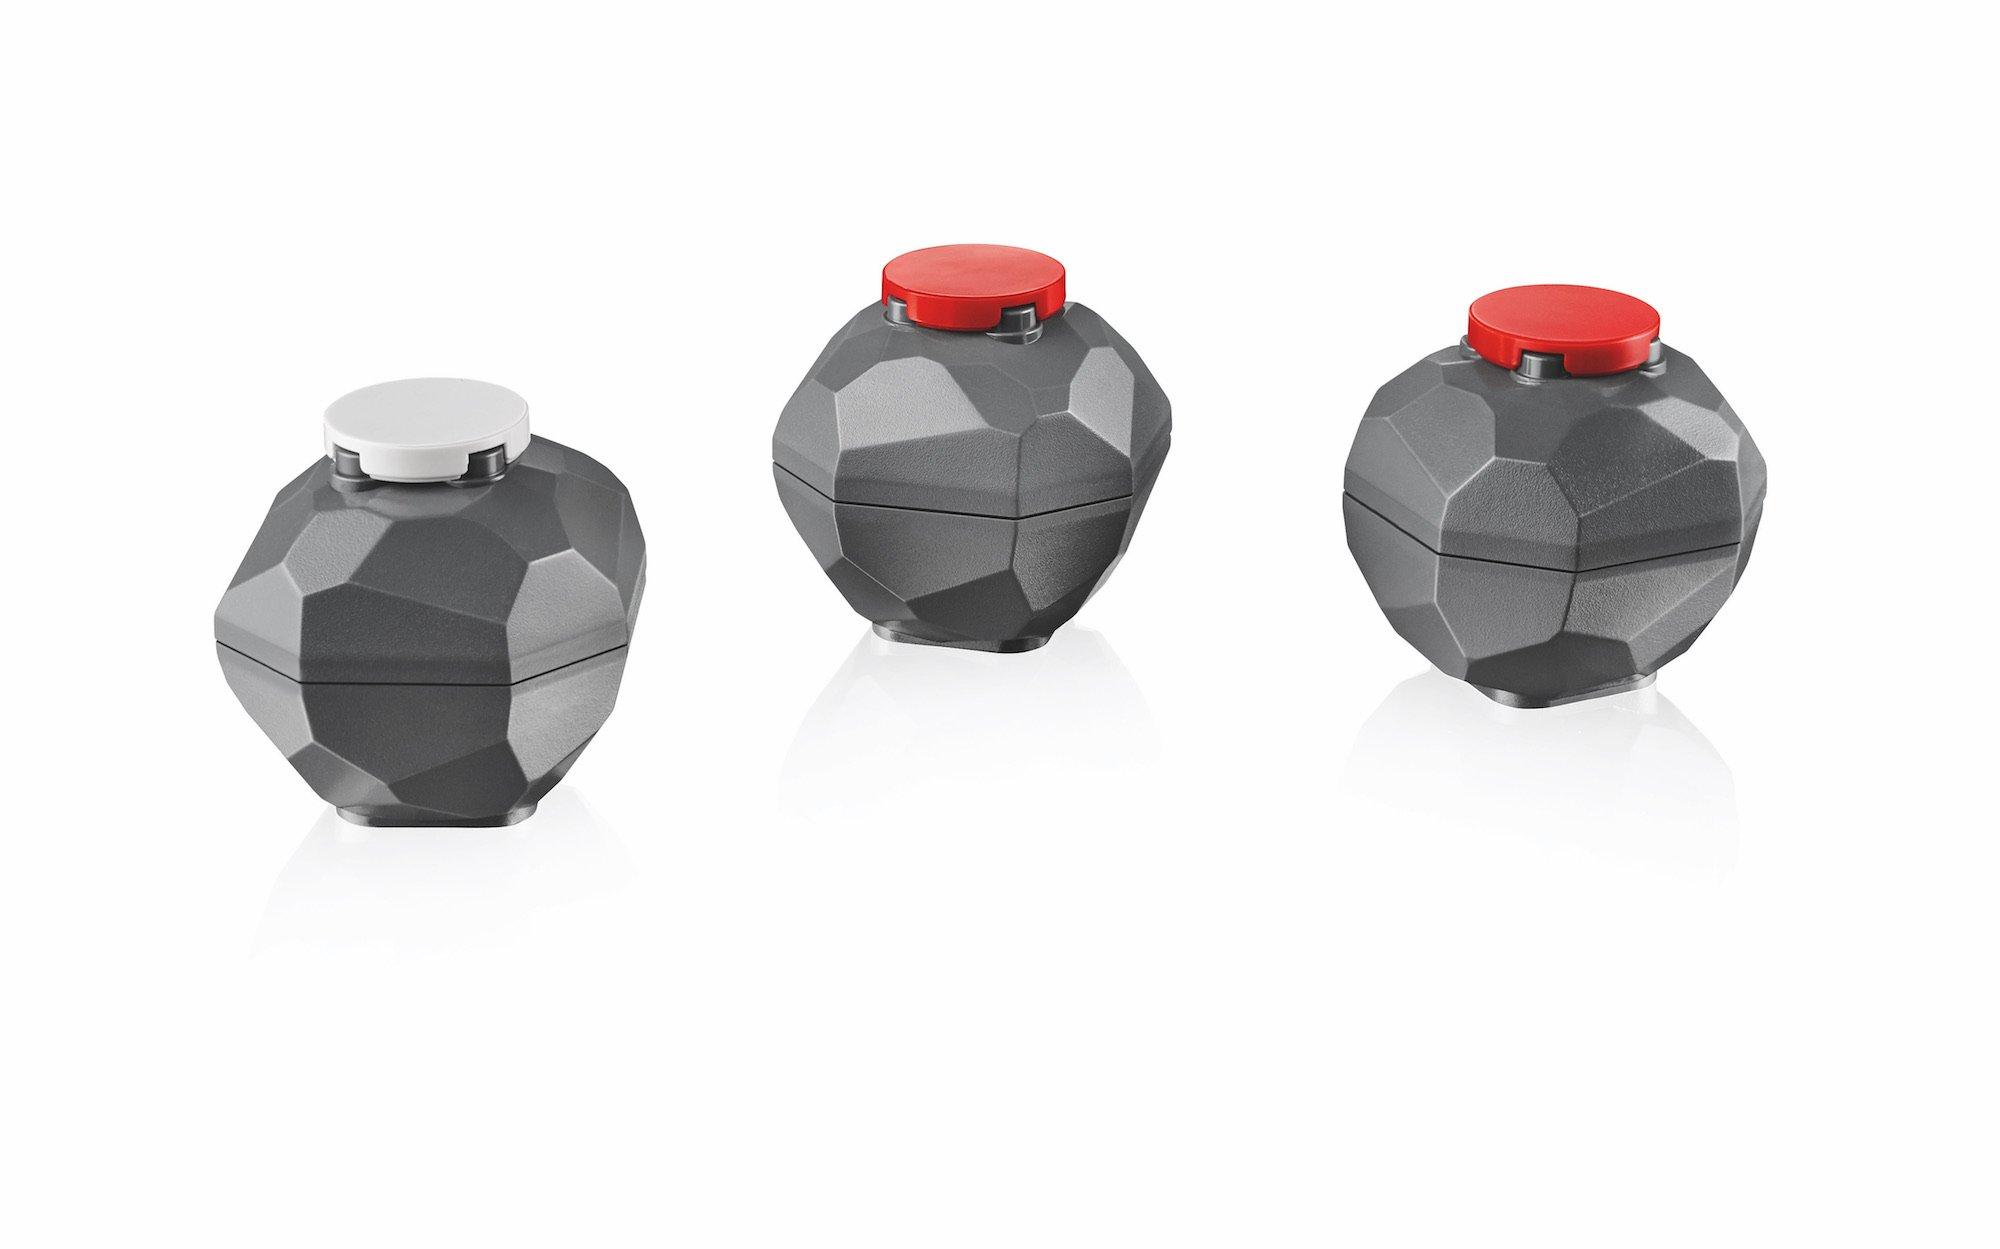 LEGO® MINDSTORMS® Education EV3 Space Challenge rock samples